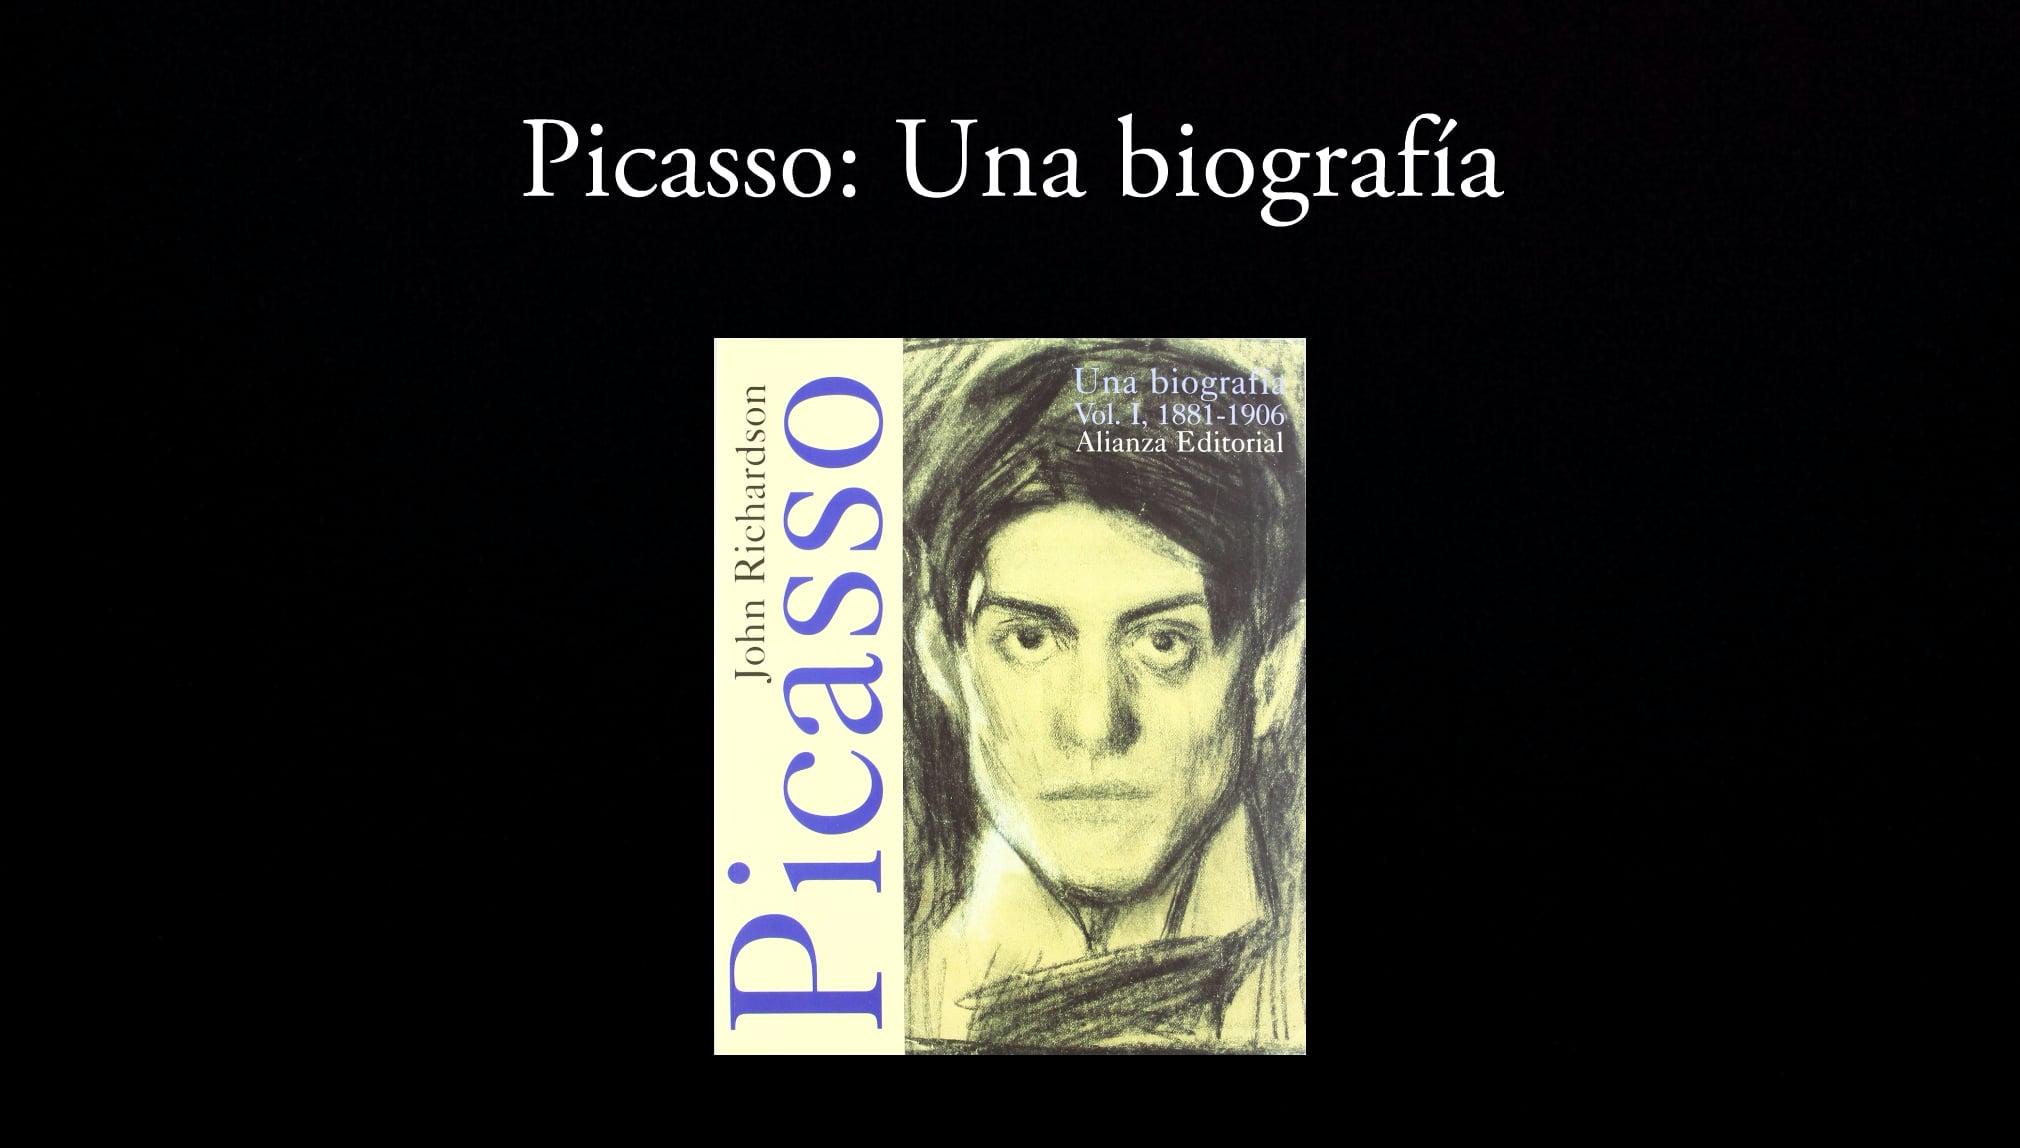 Picasso: Una biografía.